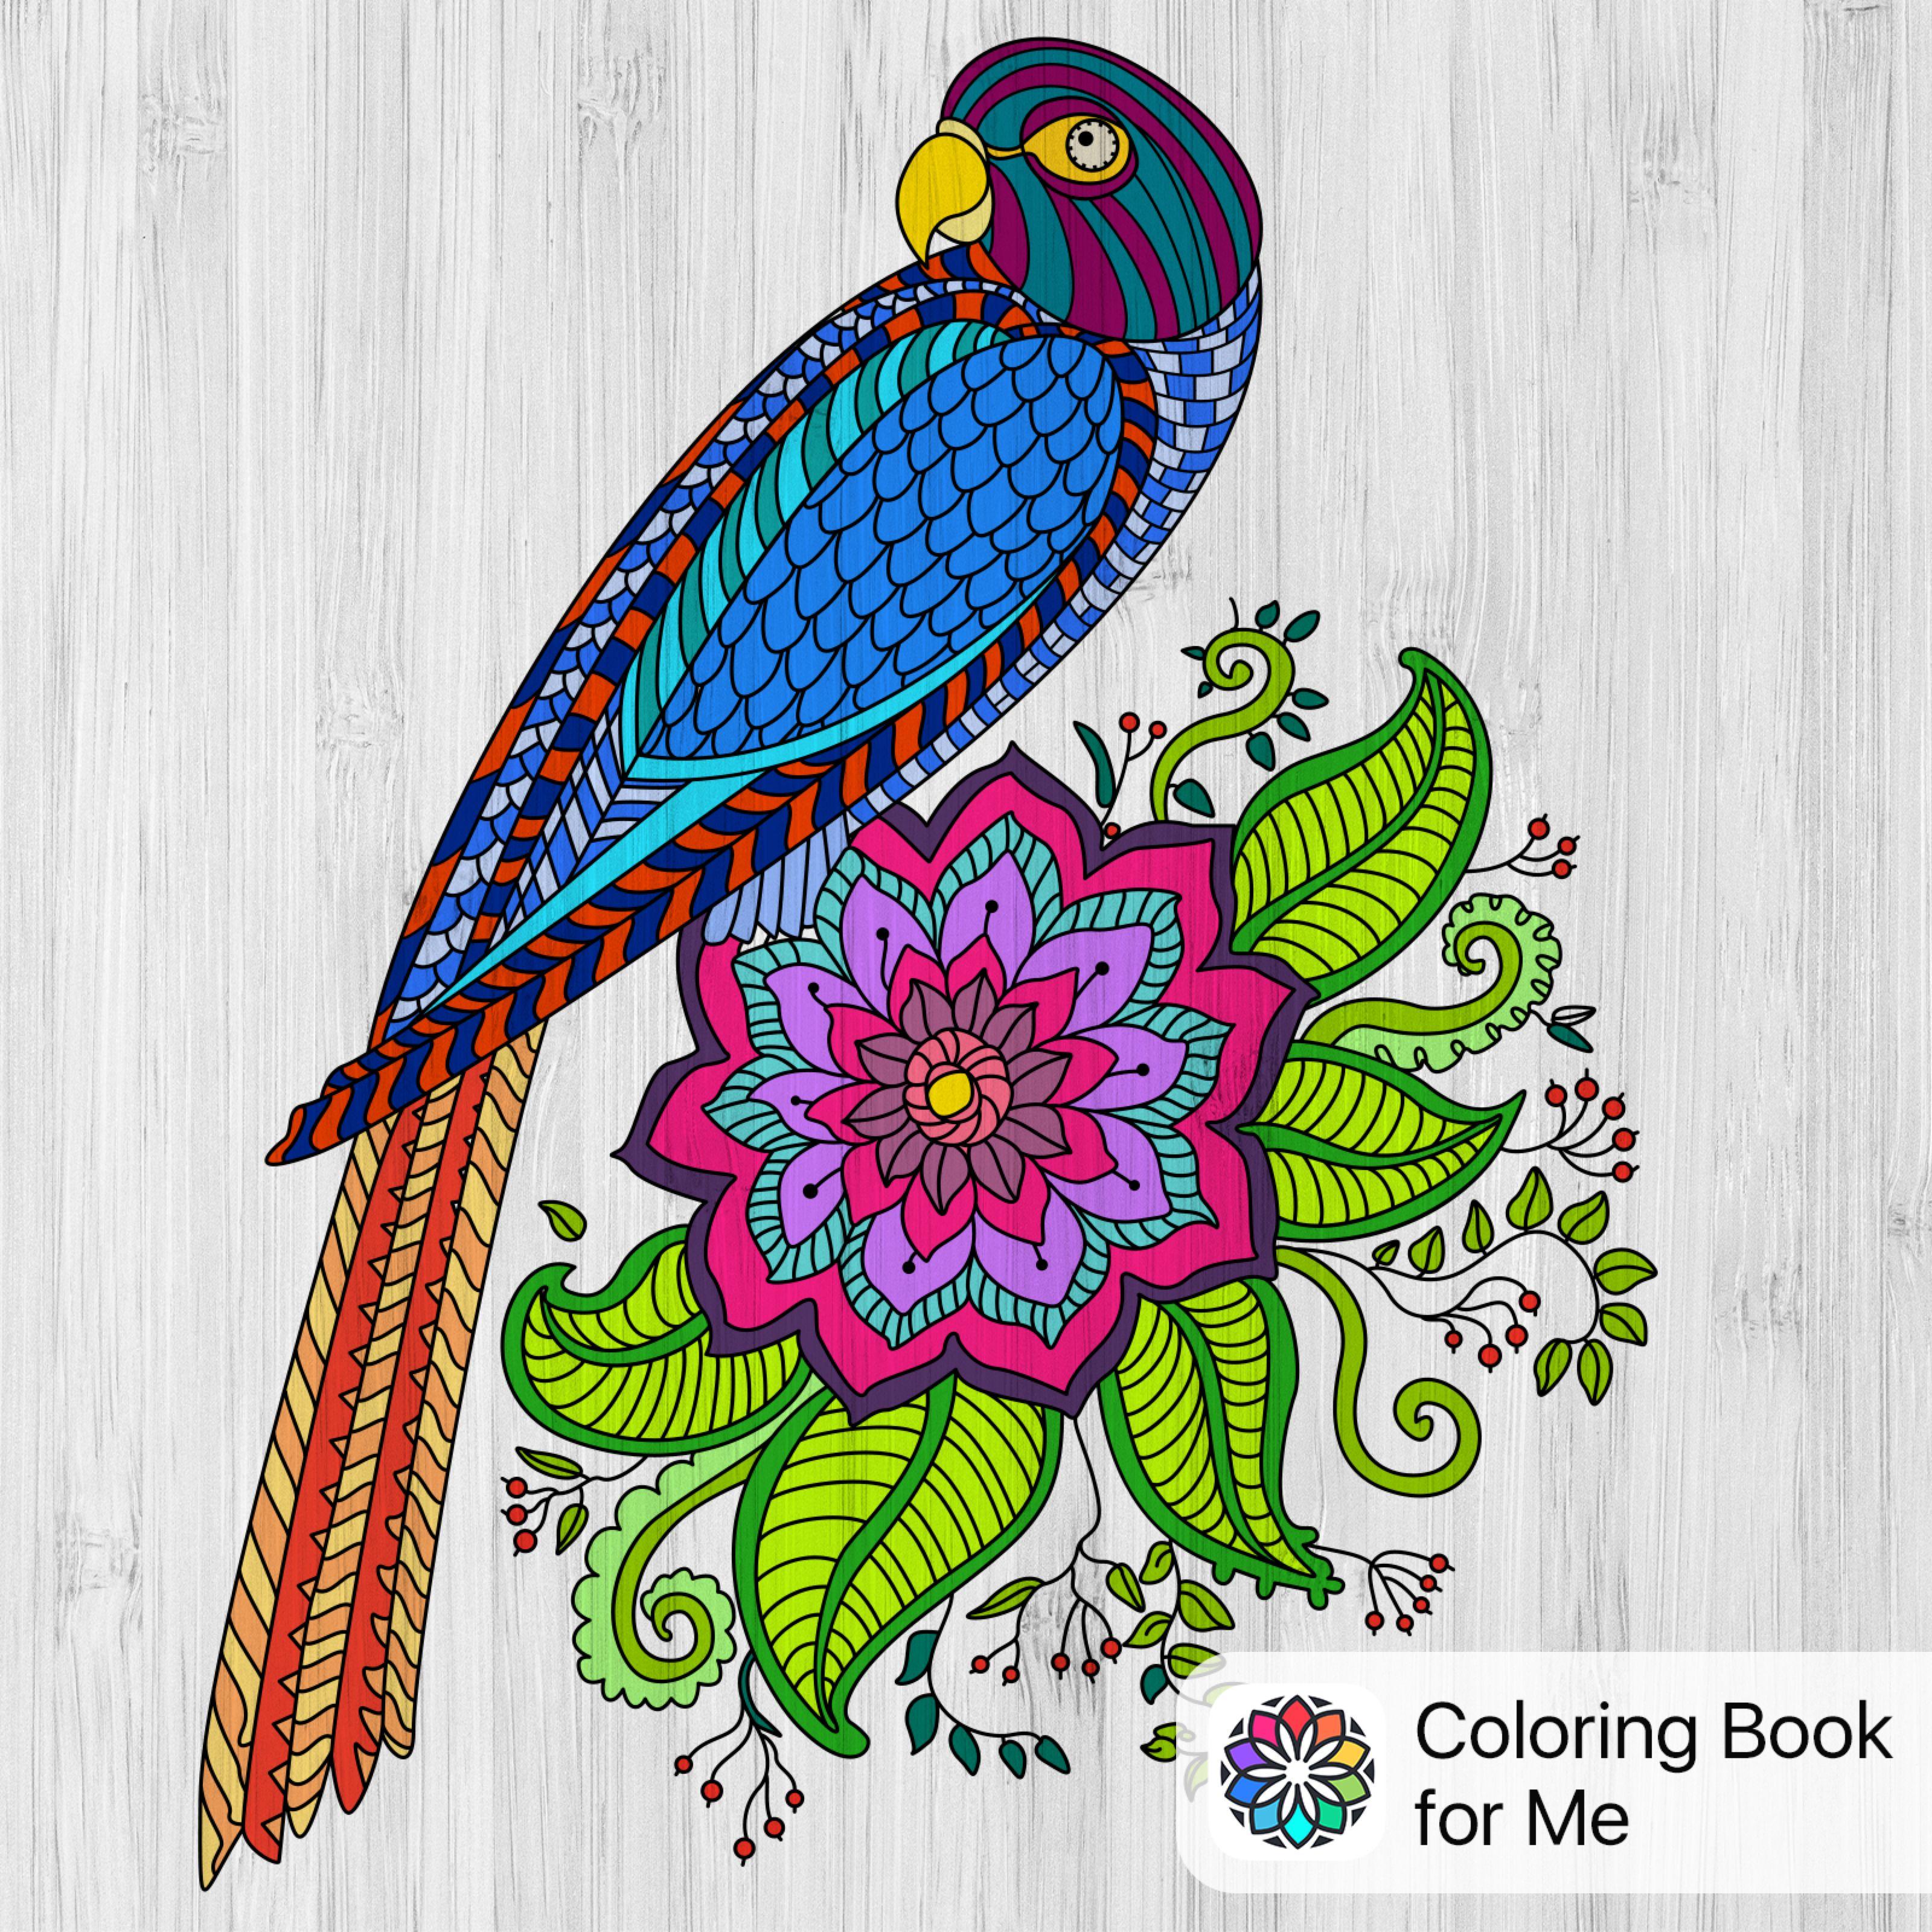 Coloreado con: Libro de colorear para mí | Mis dibujos | Pinterest ...